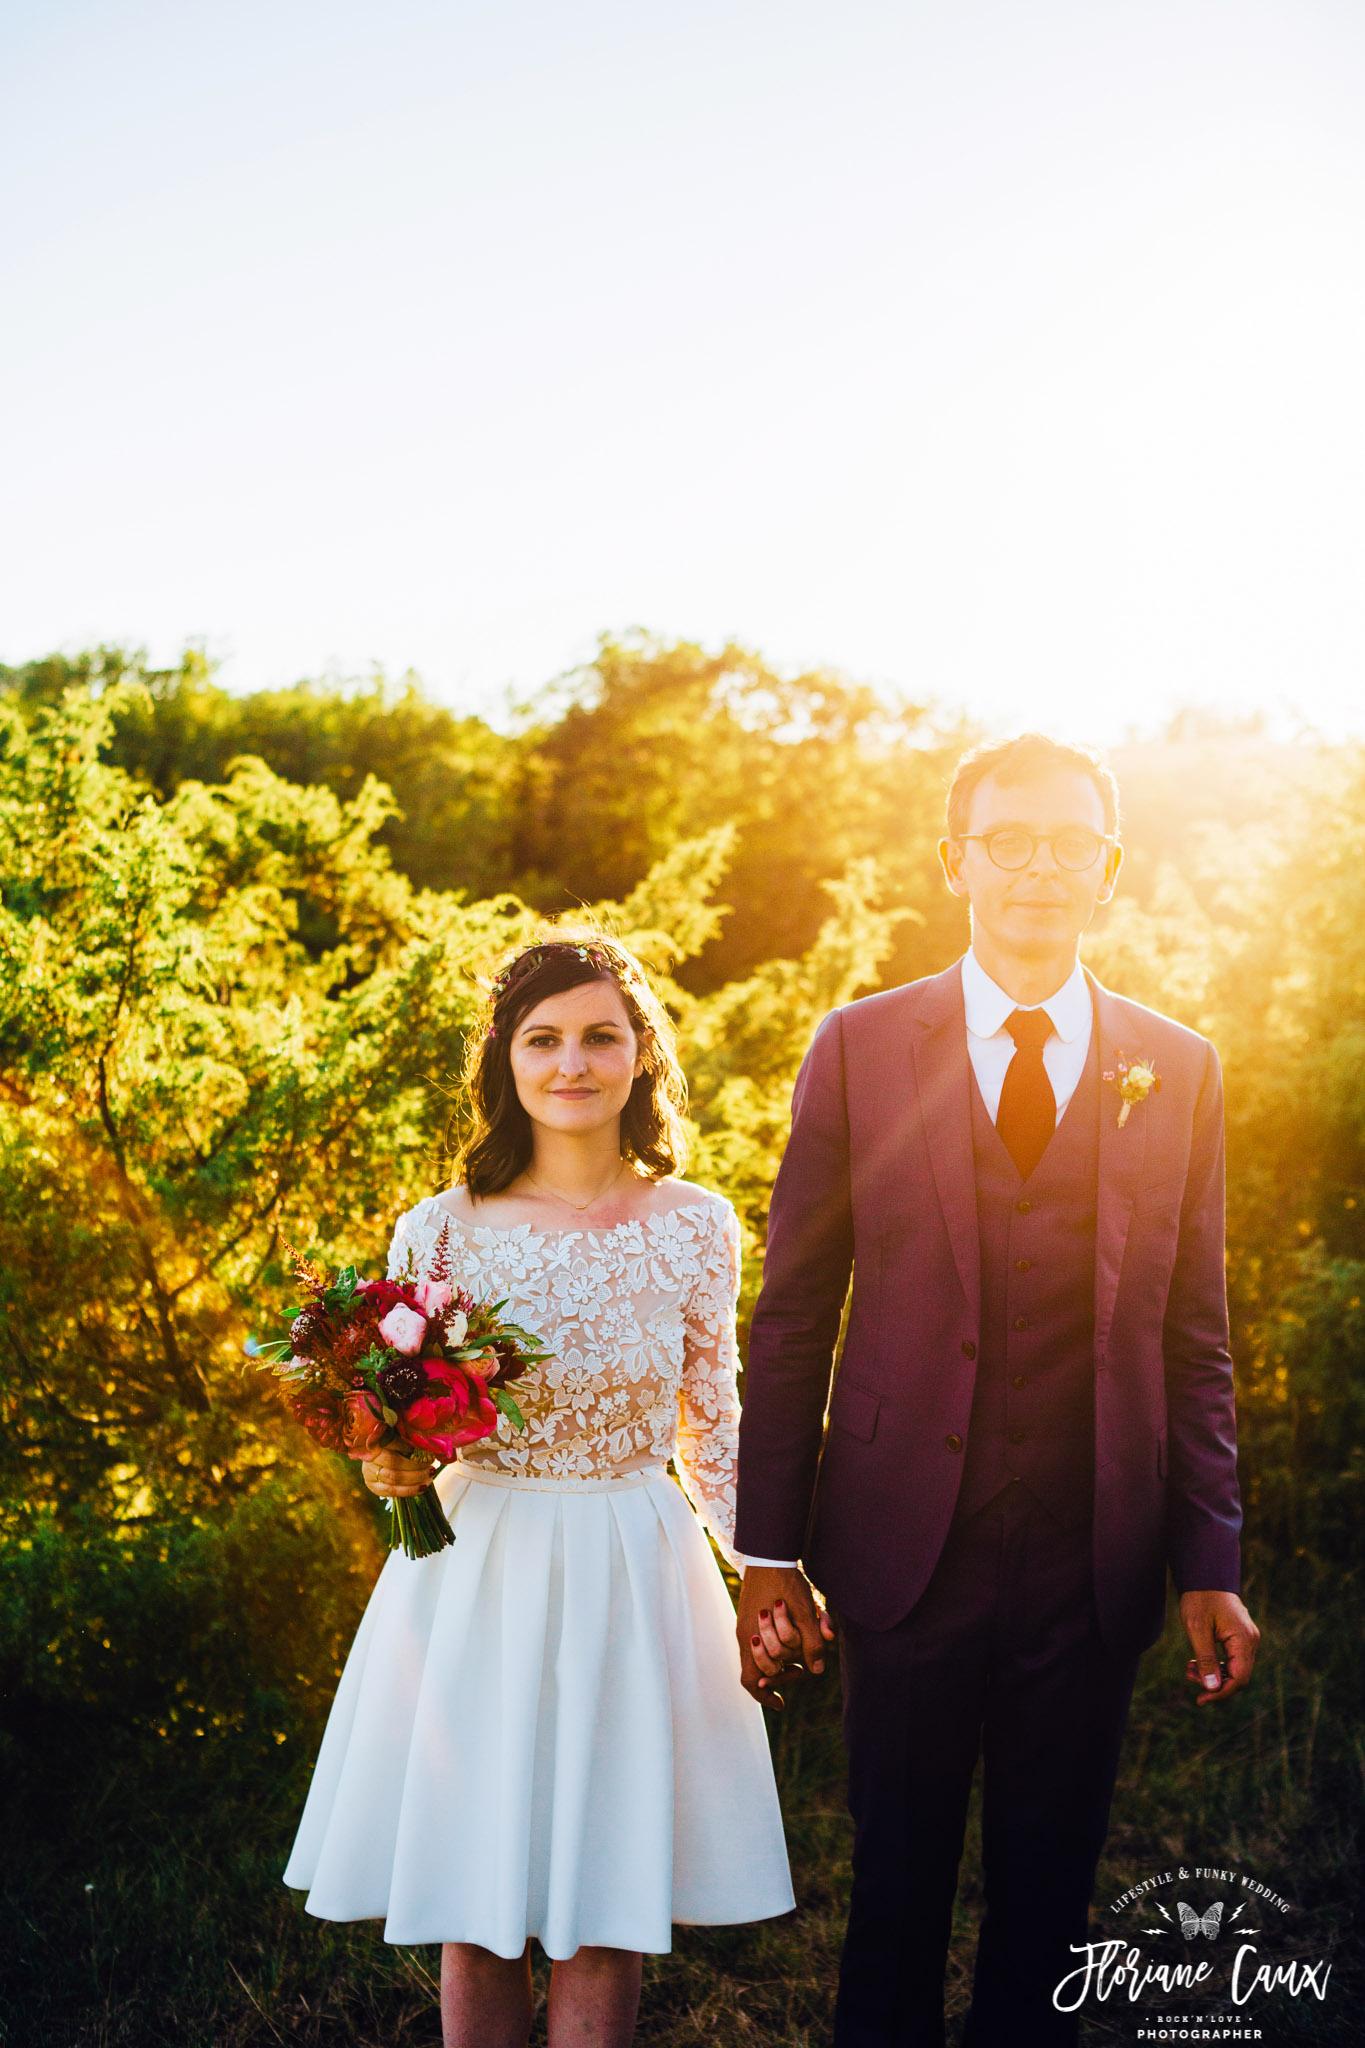 photographe-mariage-funky-licorne-fumigenes-badass-6